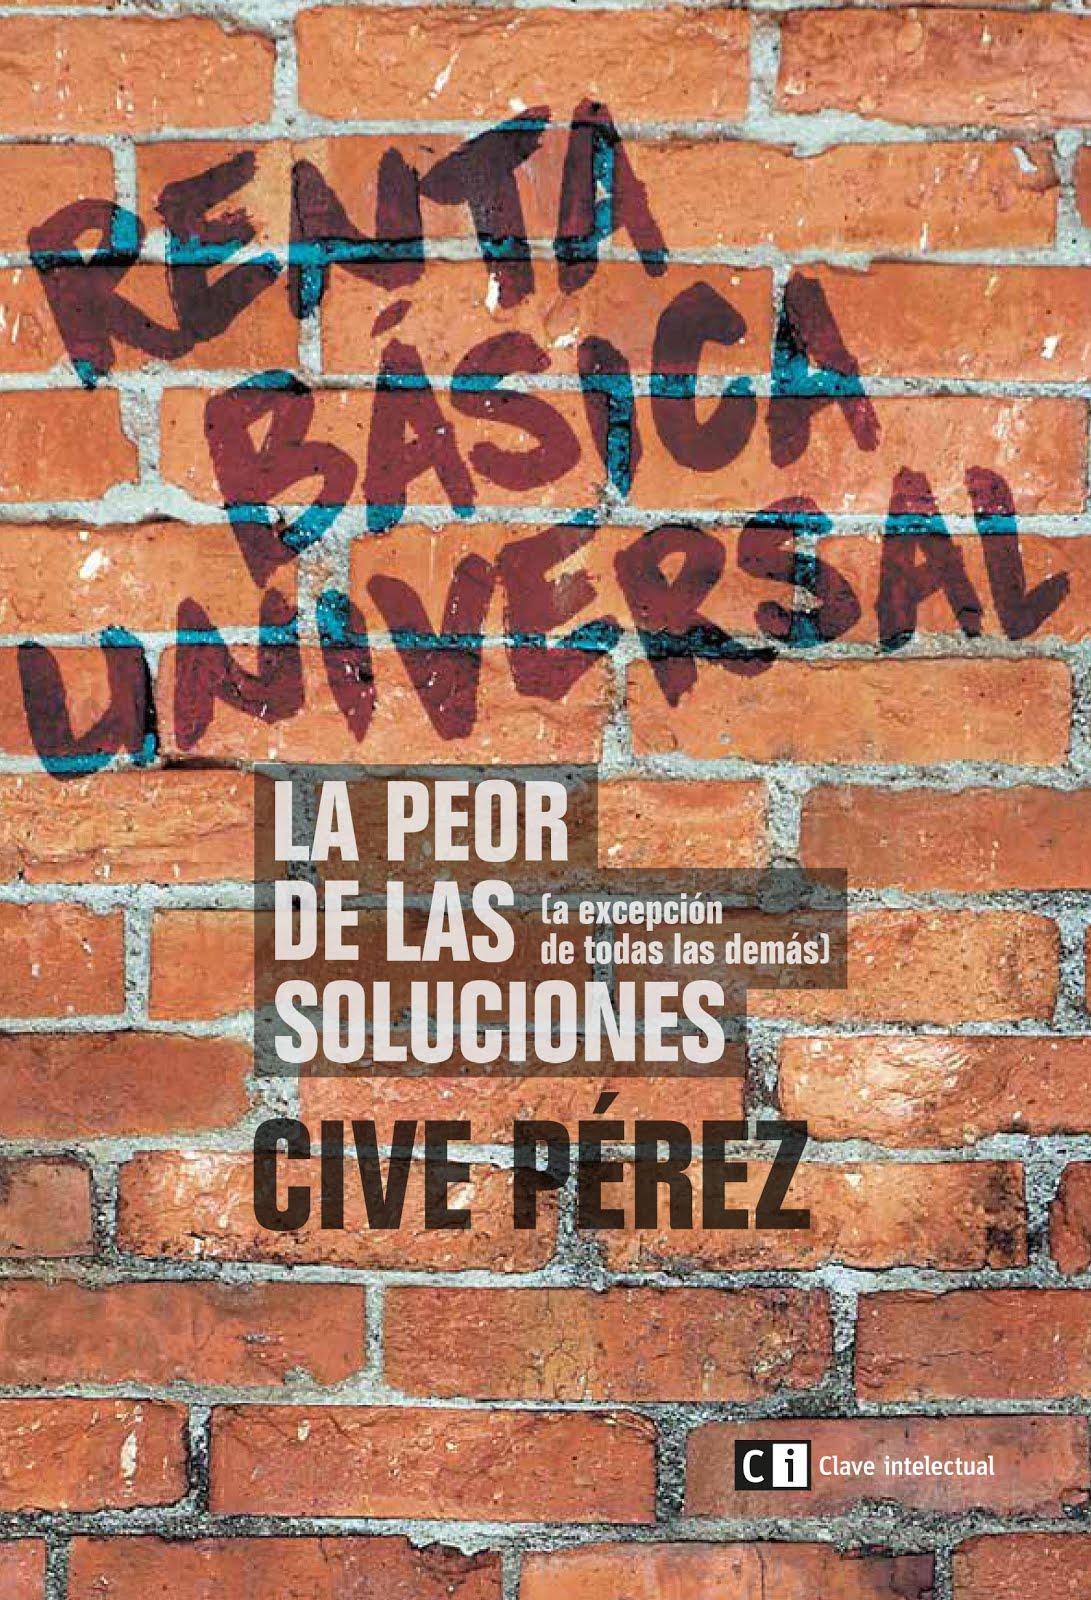 Renta Básica Universal: La peor de las soluciones [Exceptuando todas las demás]